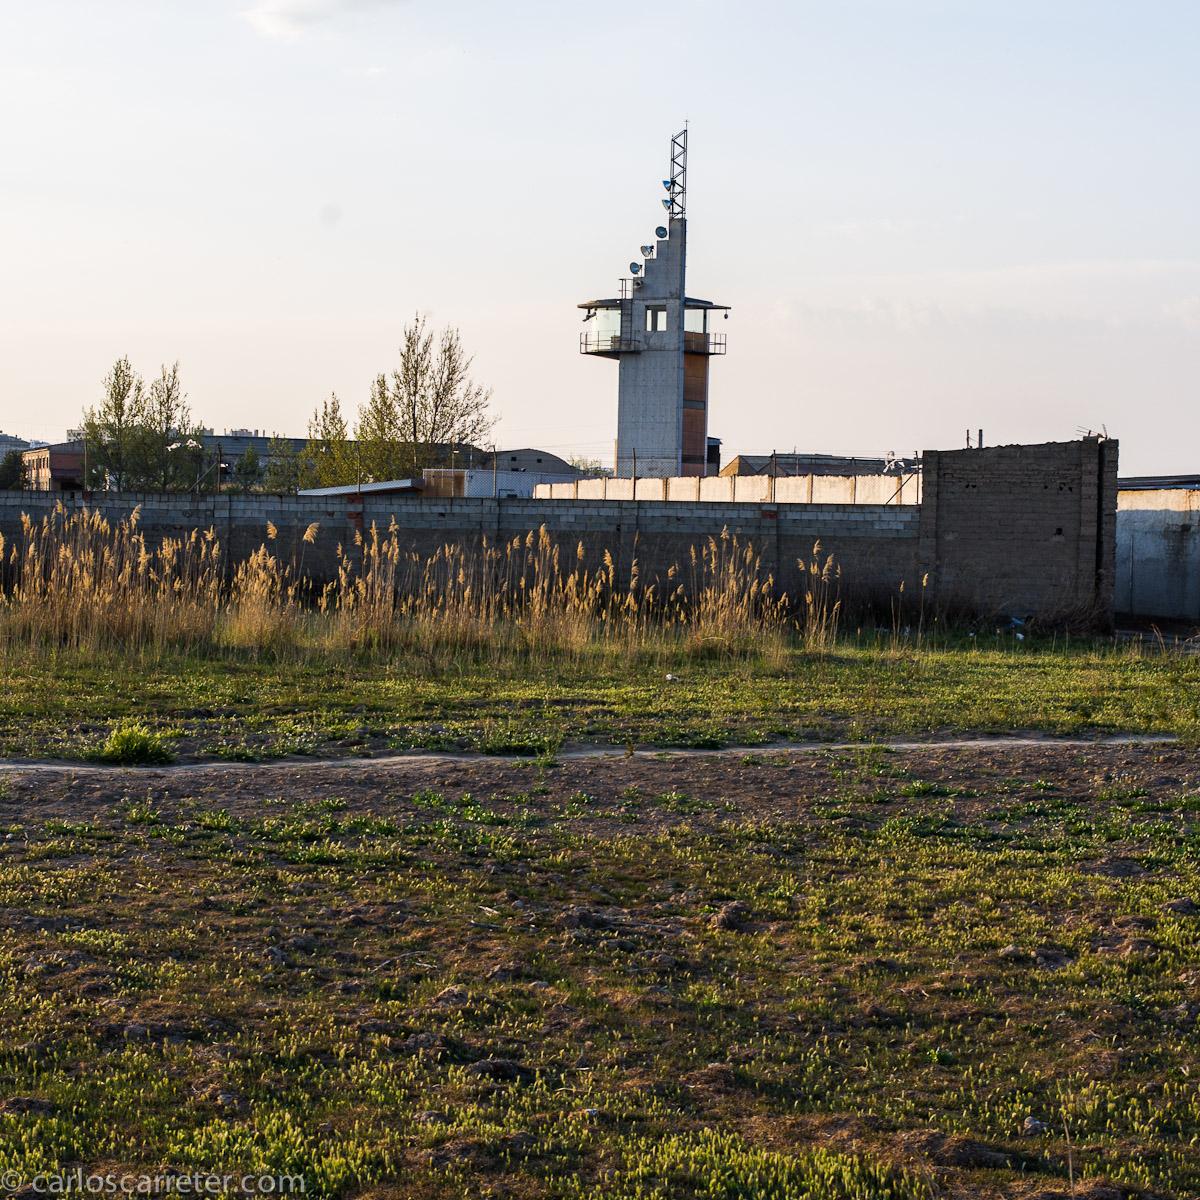 Torre con antenas